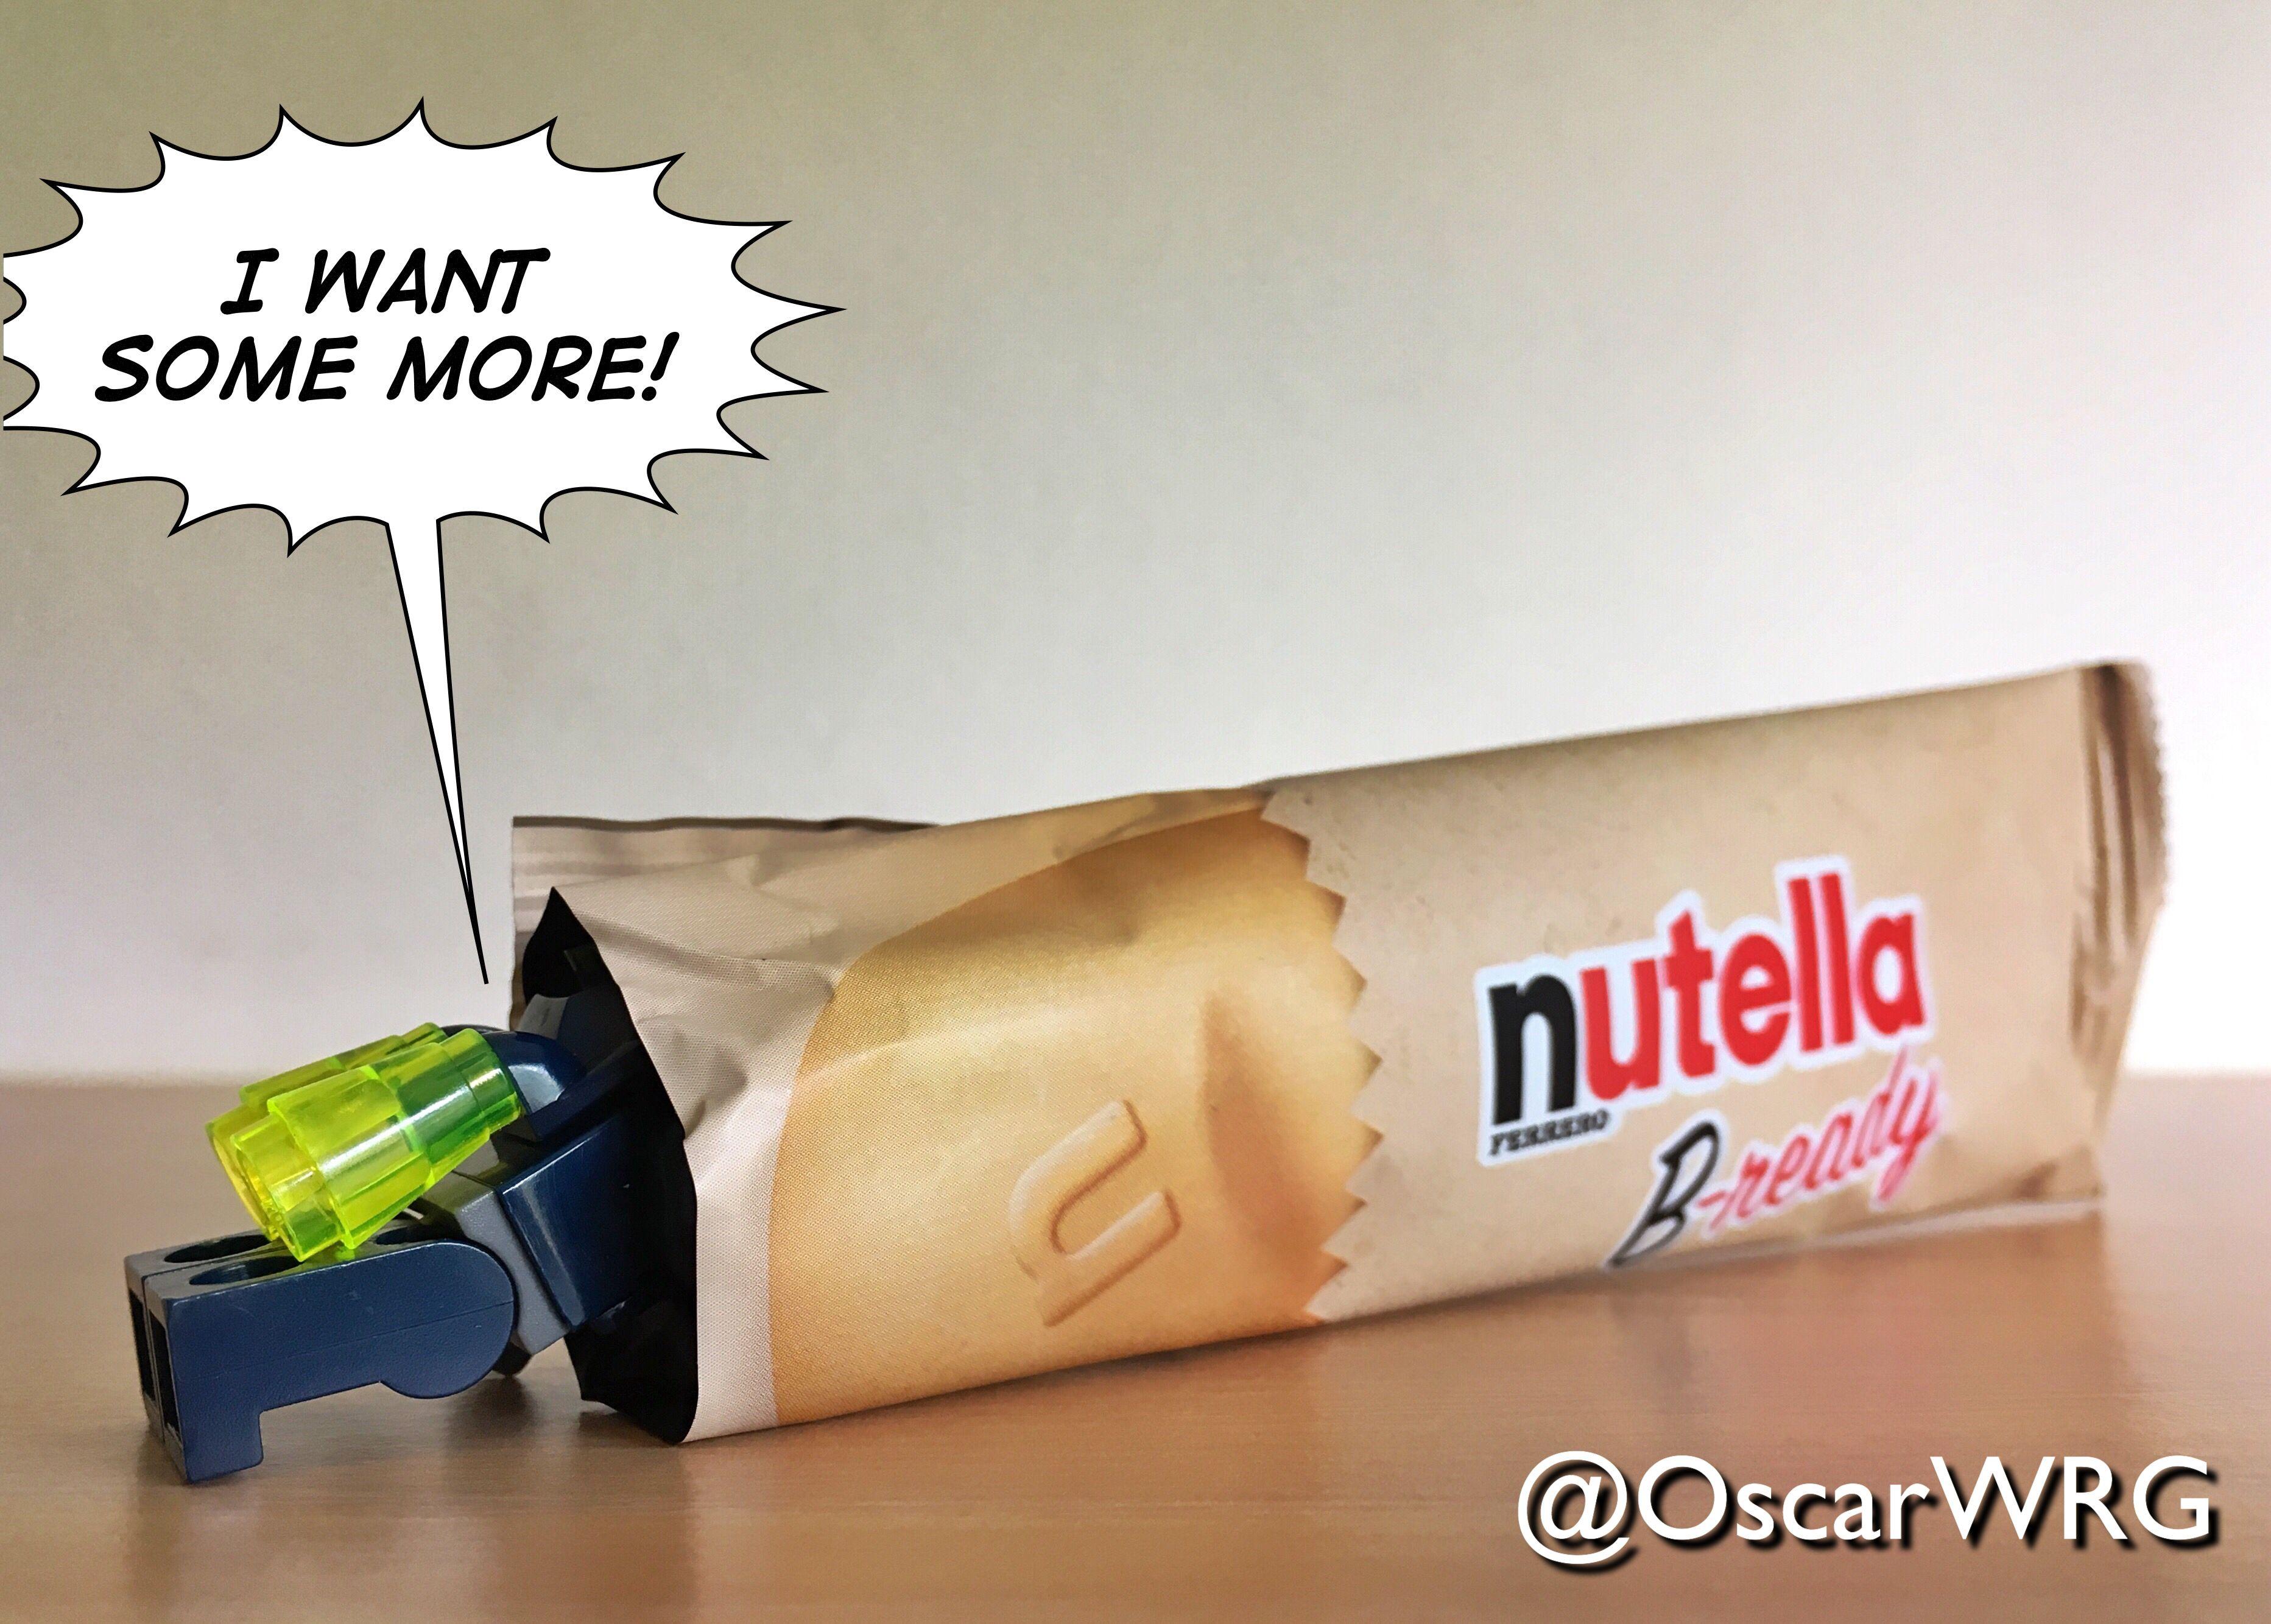 #LEGO_Galaxy_Patrol #LEGO #NutellaBready #Nutella #Bready @lego_group @lego @bricksetofficial @bricknetwork @brickcentral @nutella